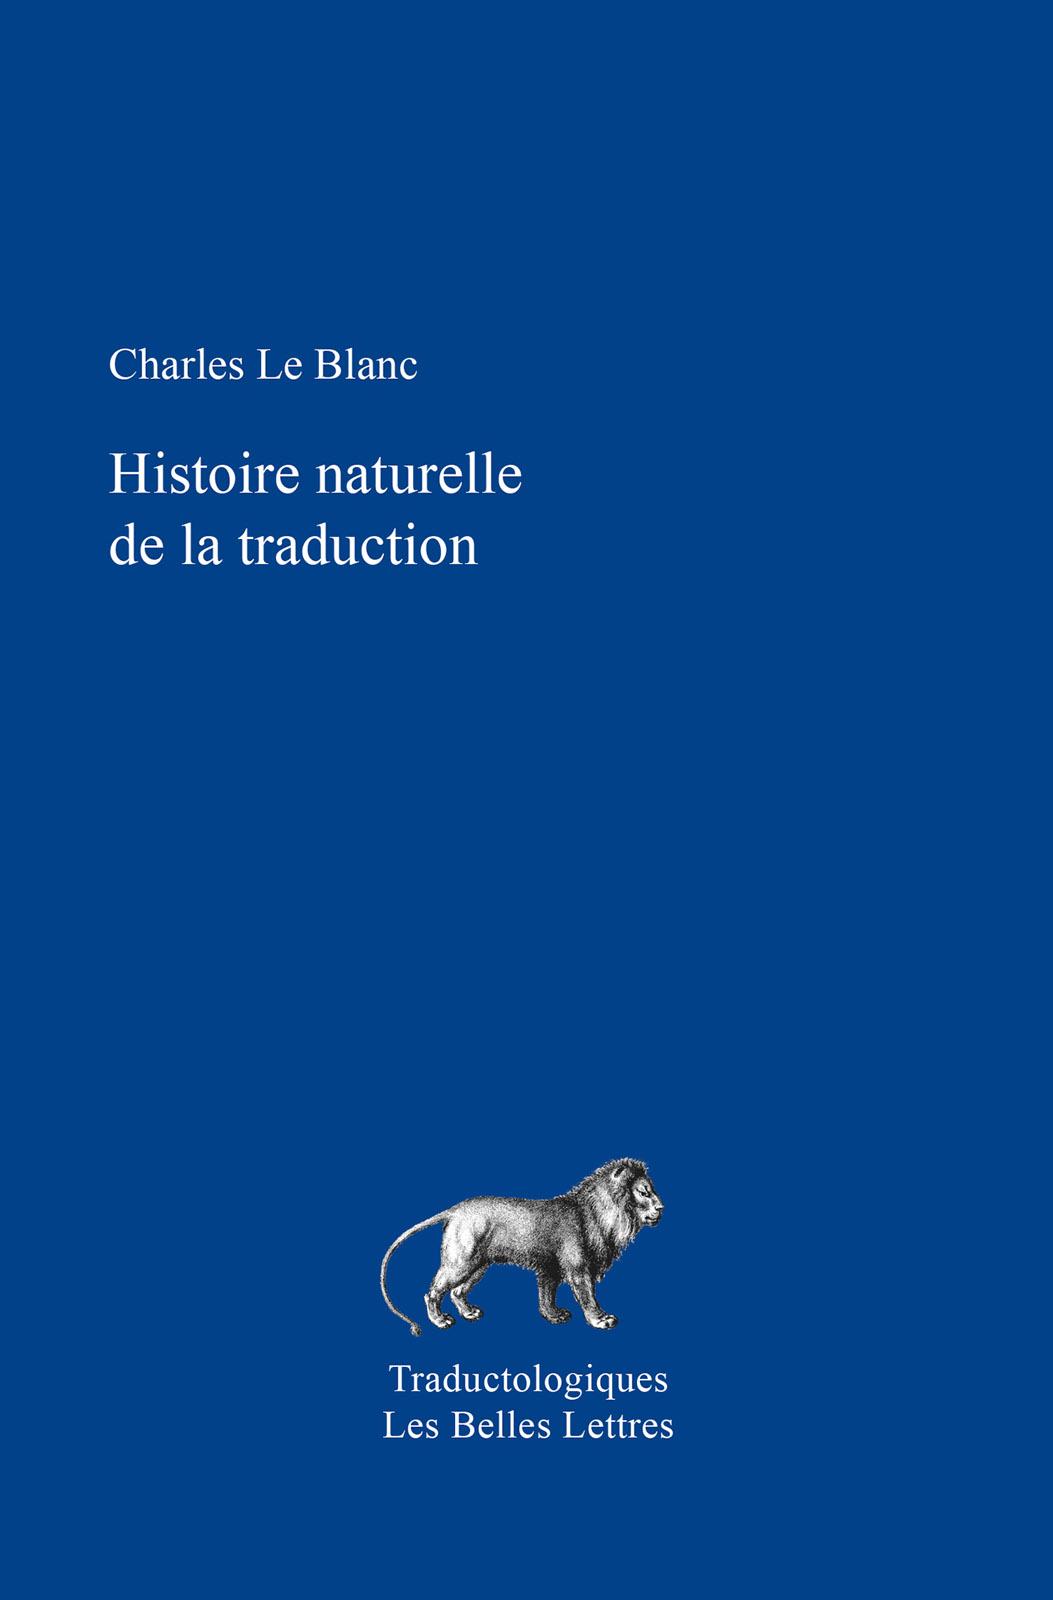 Histoire naturelle de la tr...